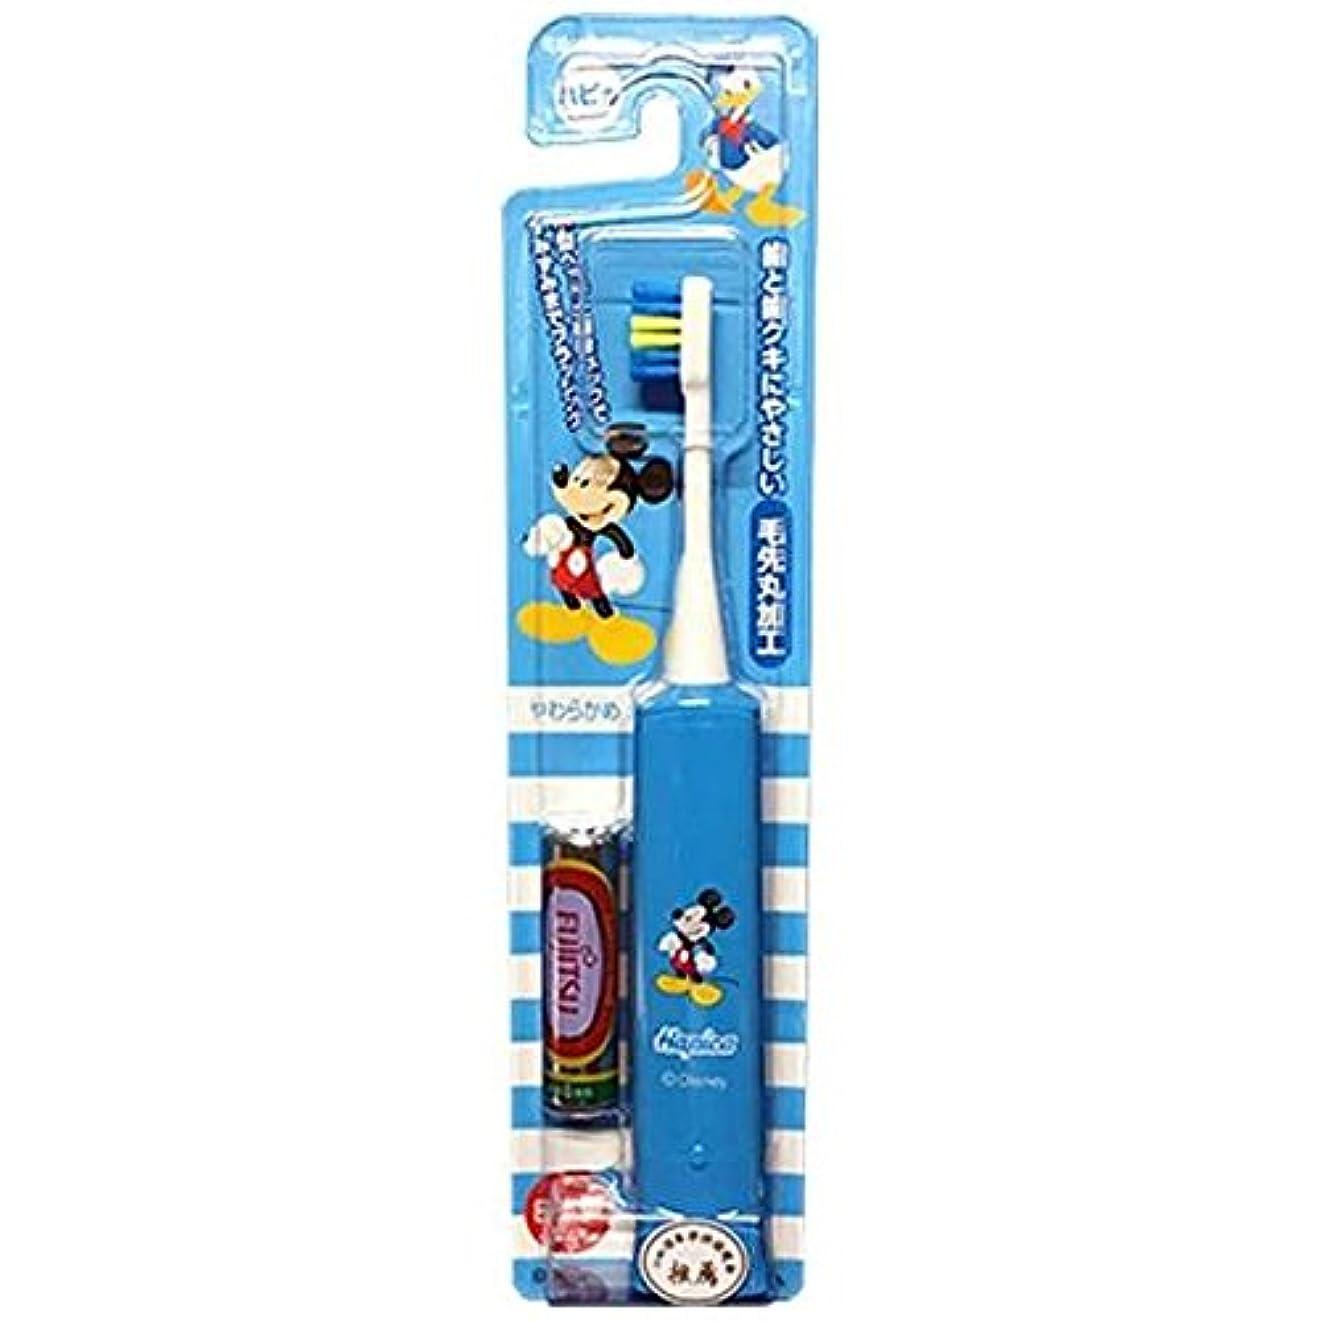 少数担当者シンジケートミニマム 電動付歯ブラシ こどもハピカ ミッキー(ブルー) 毛の硬さ:やわらかめ DBK-5B(MK)